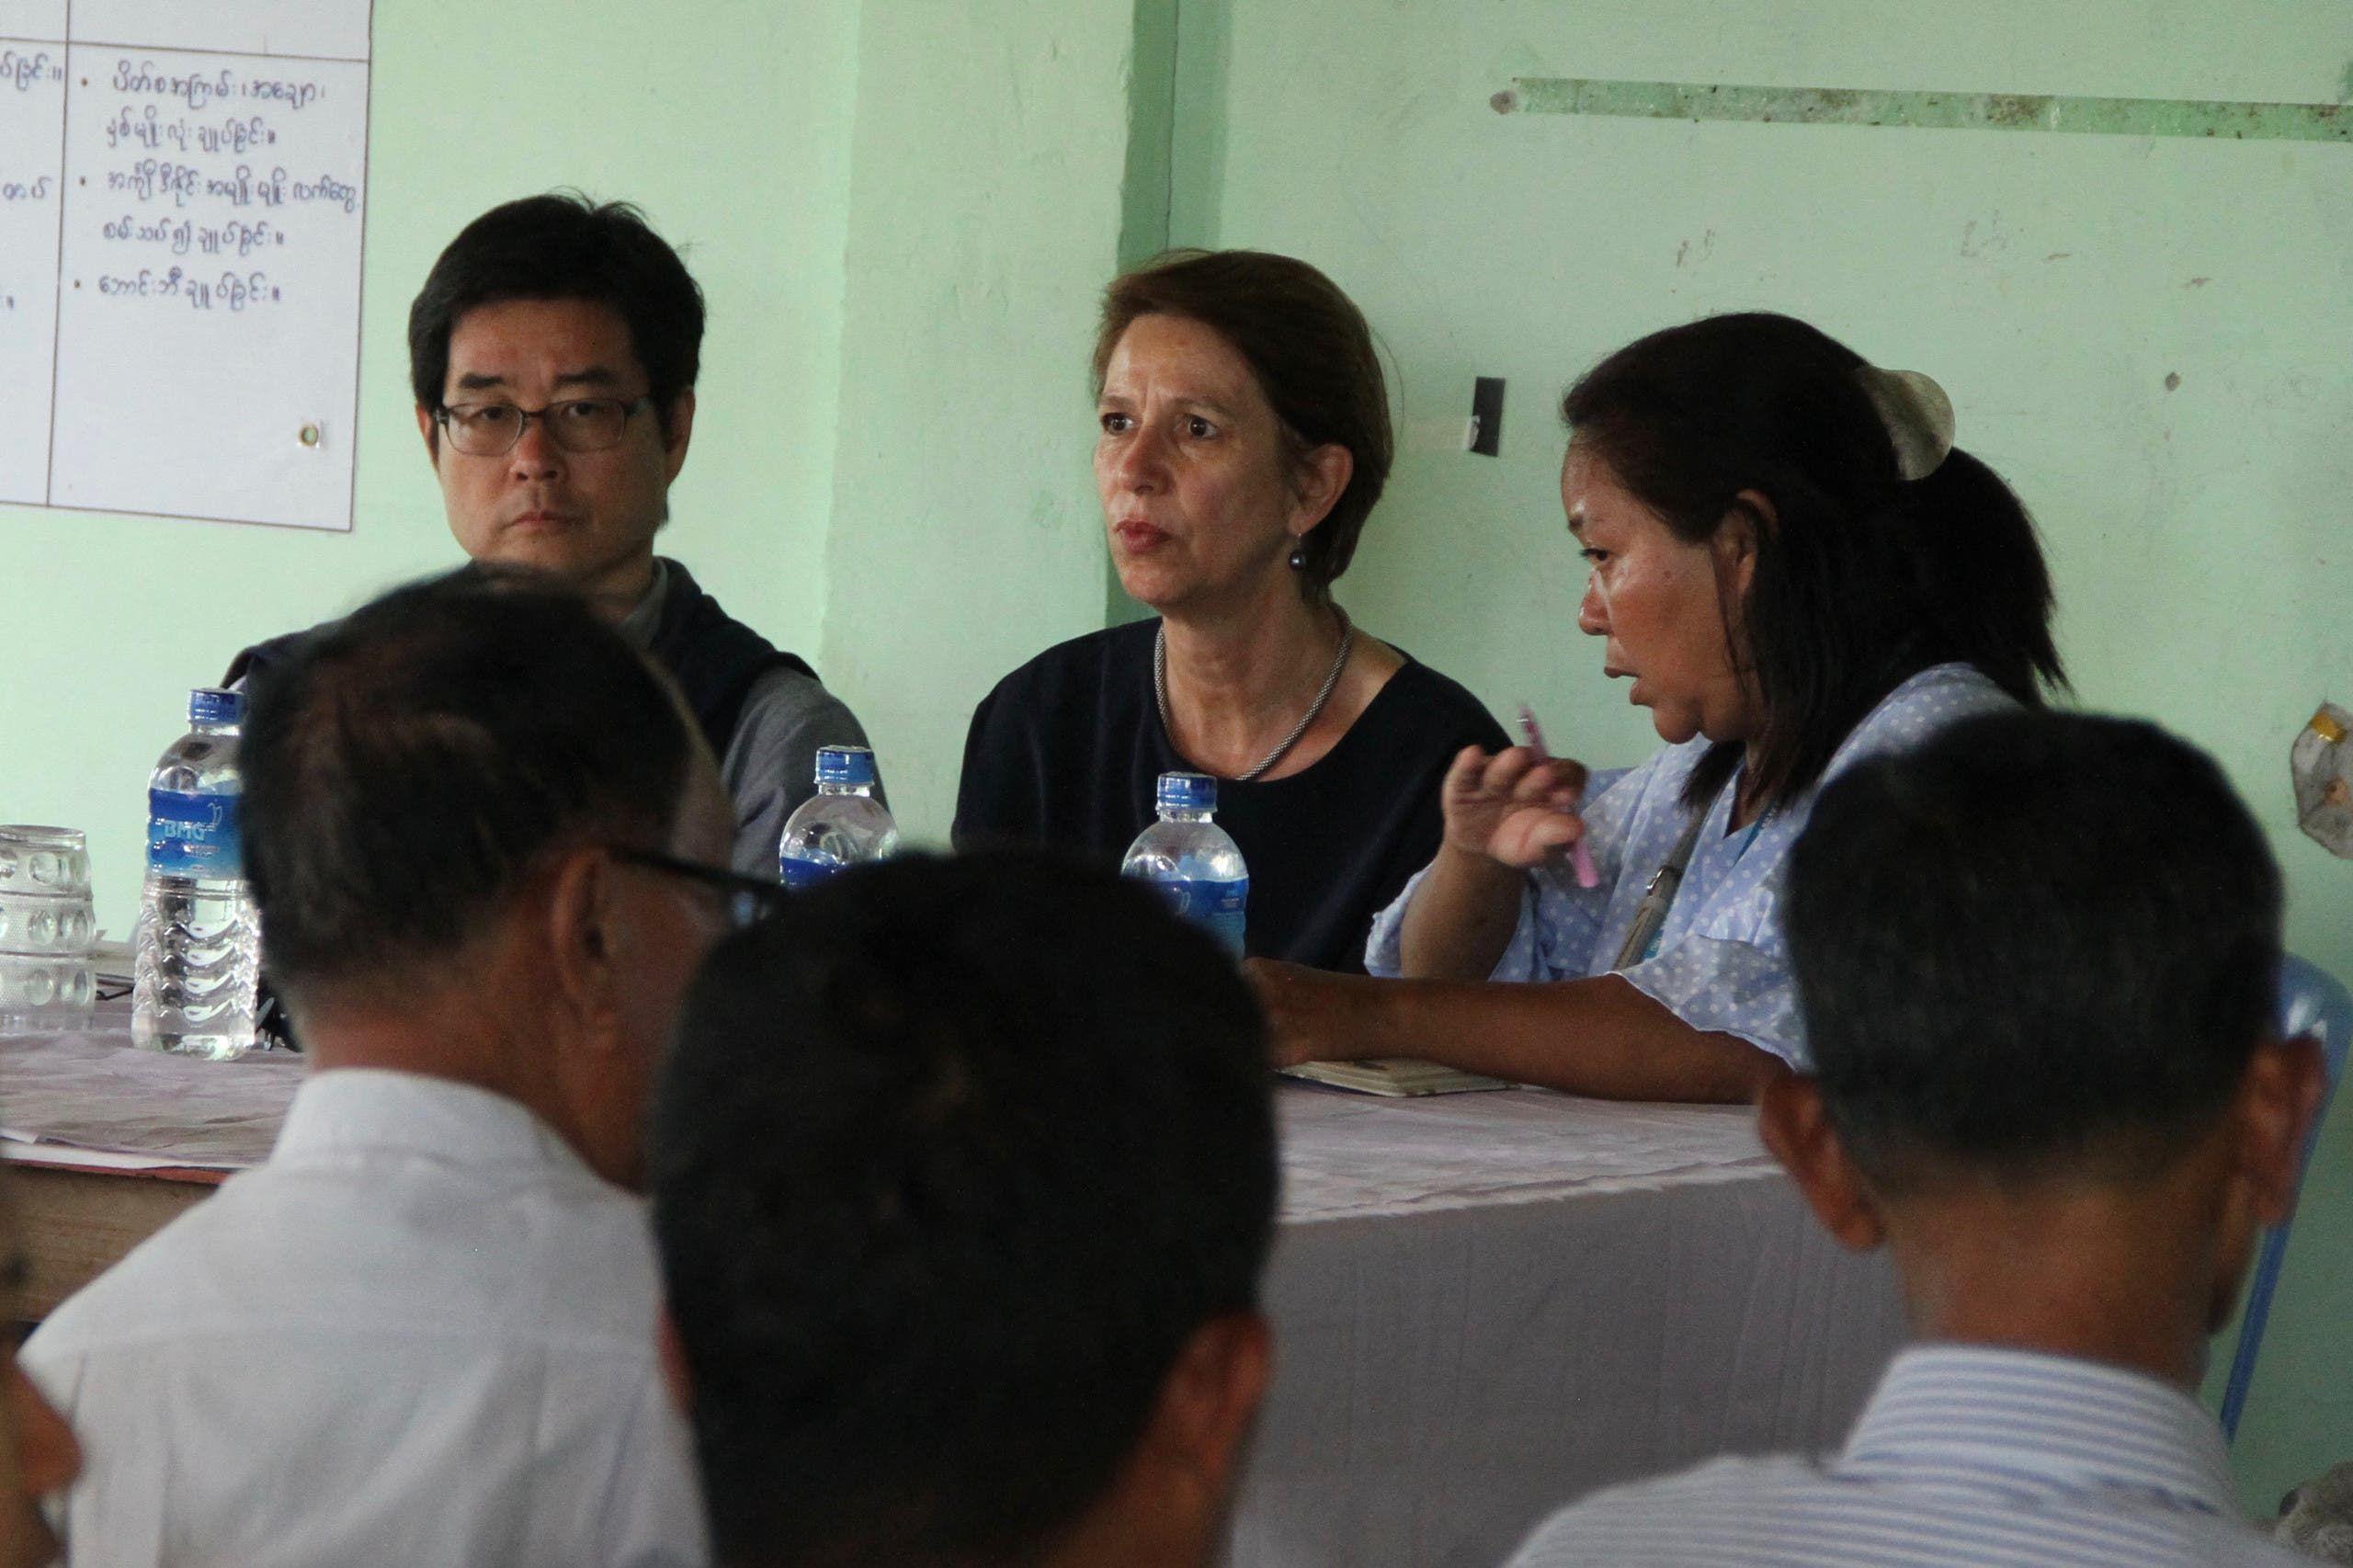 كريستين شرانر بورغنر خلال زيارة سابق لها لميانمار